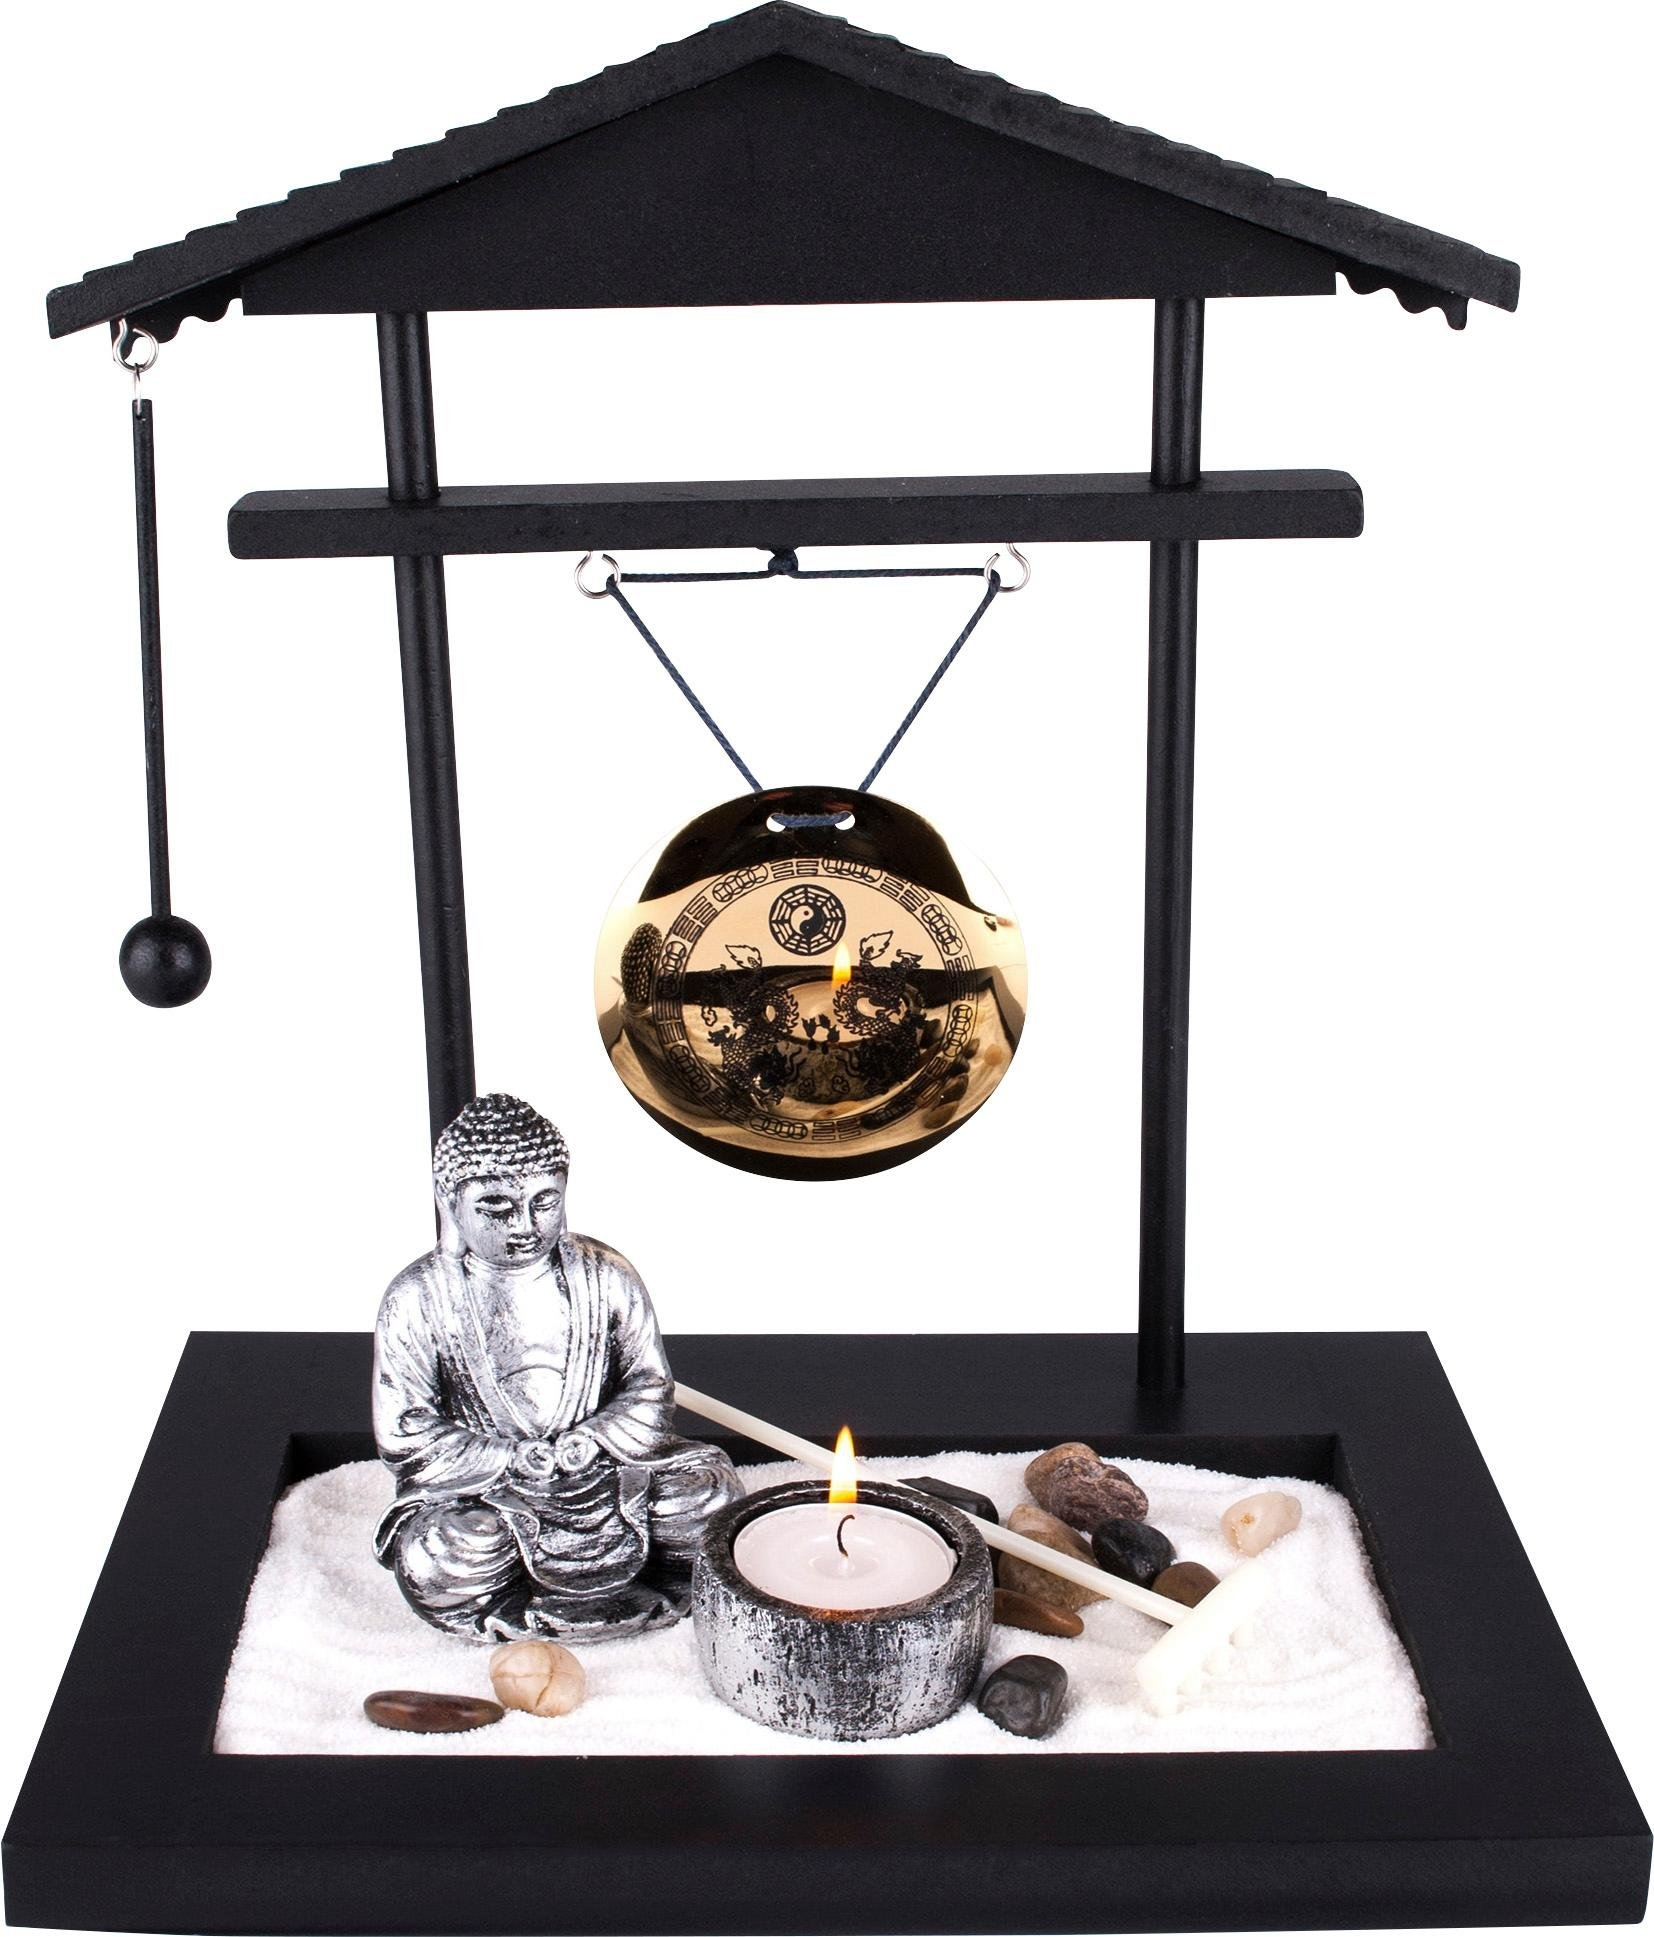 pajoma Boeddhabeeld Paradijs - verschillende betaalmethodes